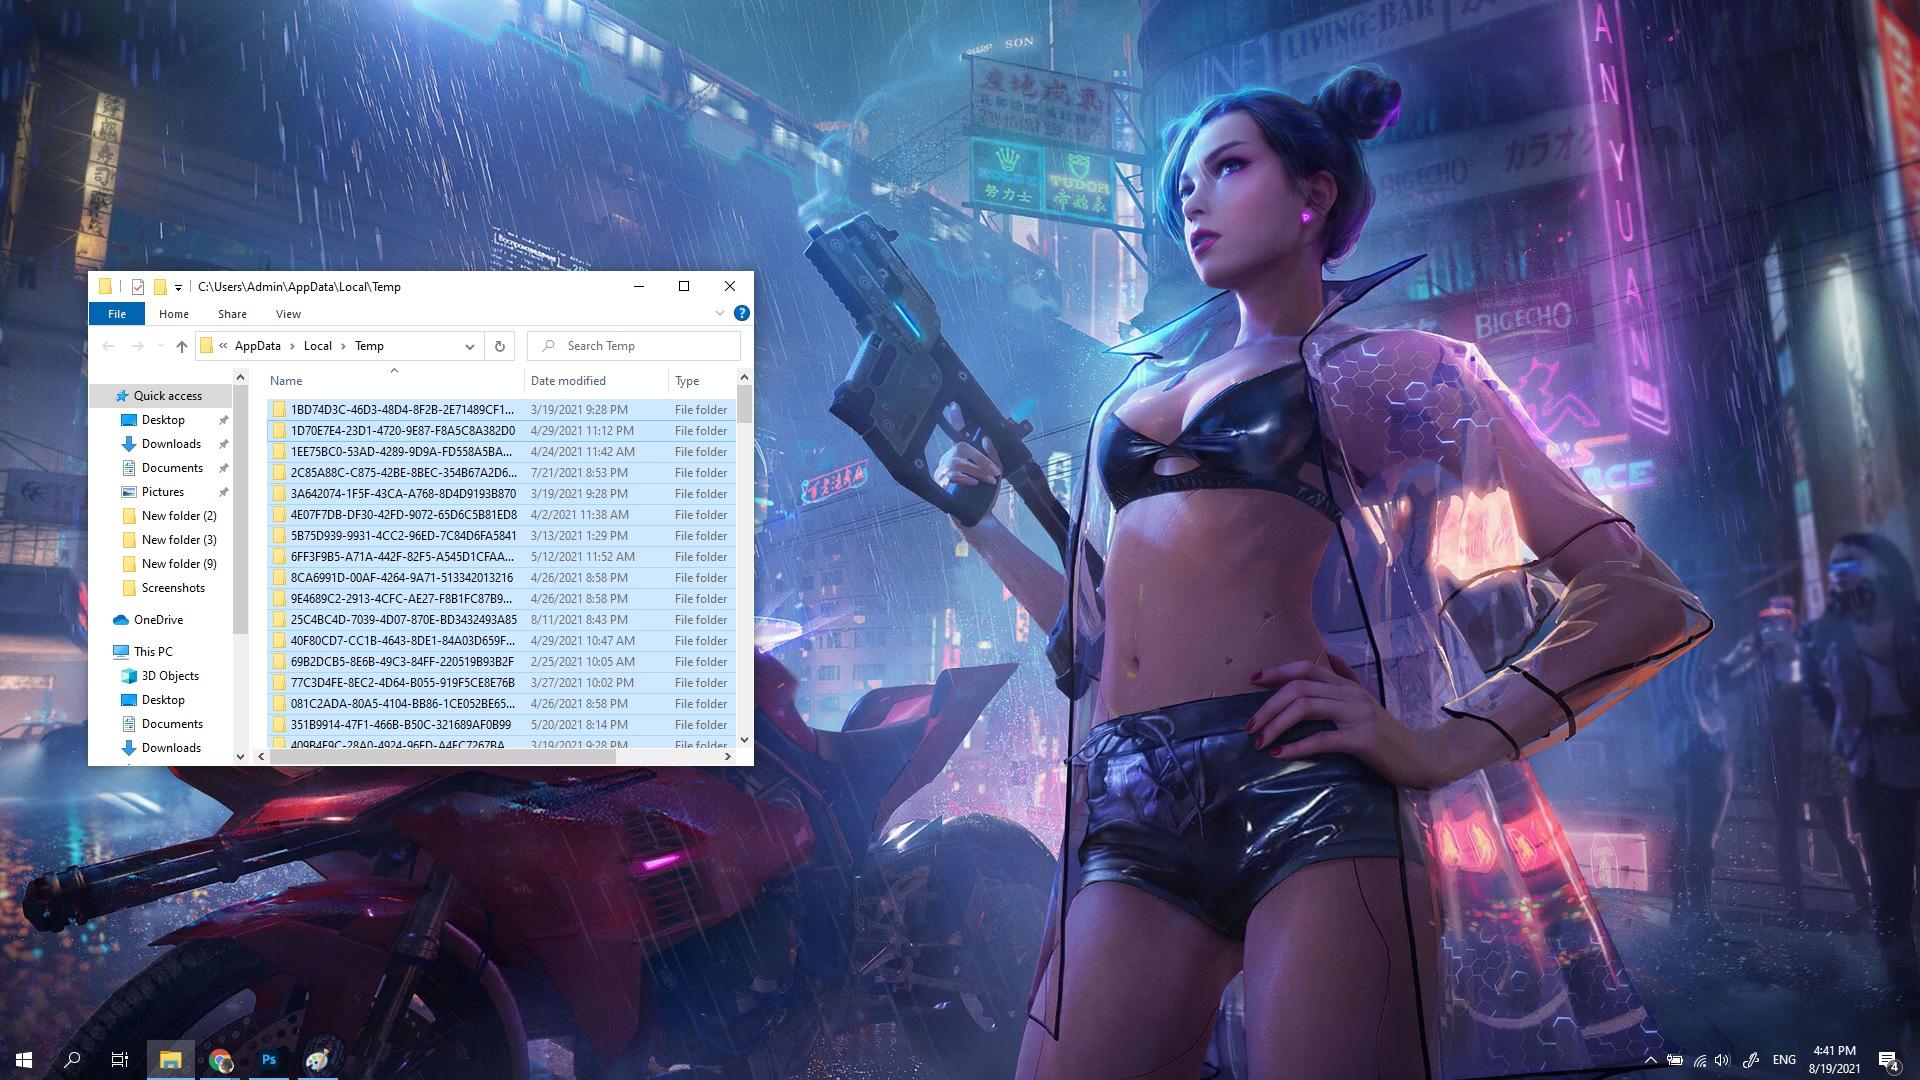 Hướng dẫn xóa file tạm thời trên Windows 10, giải phóng dung lượng ổ cứng cho máy tính